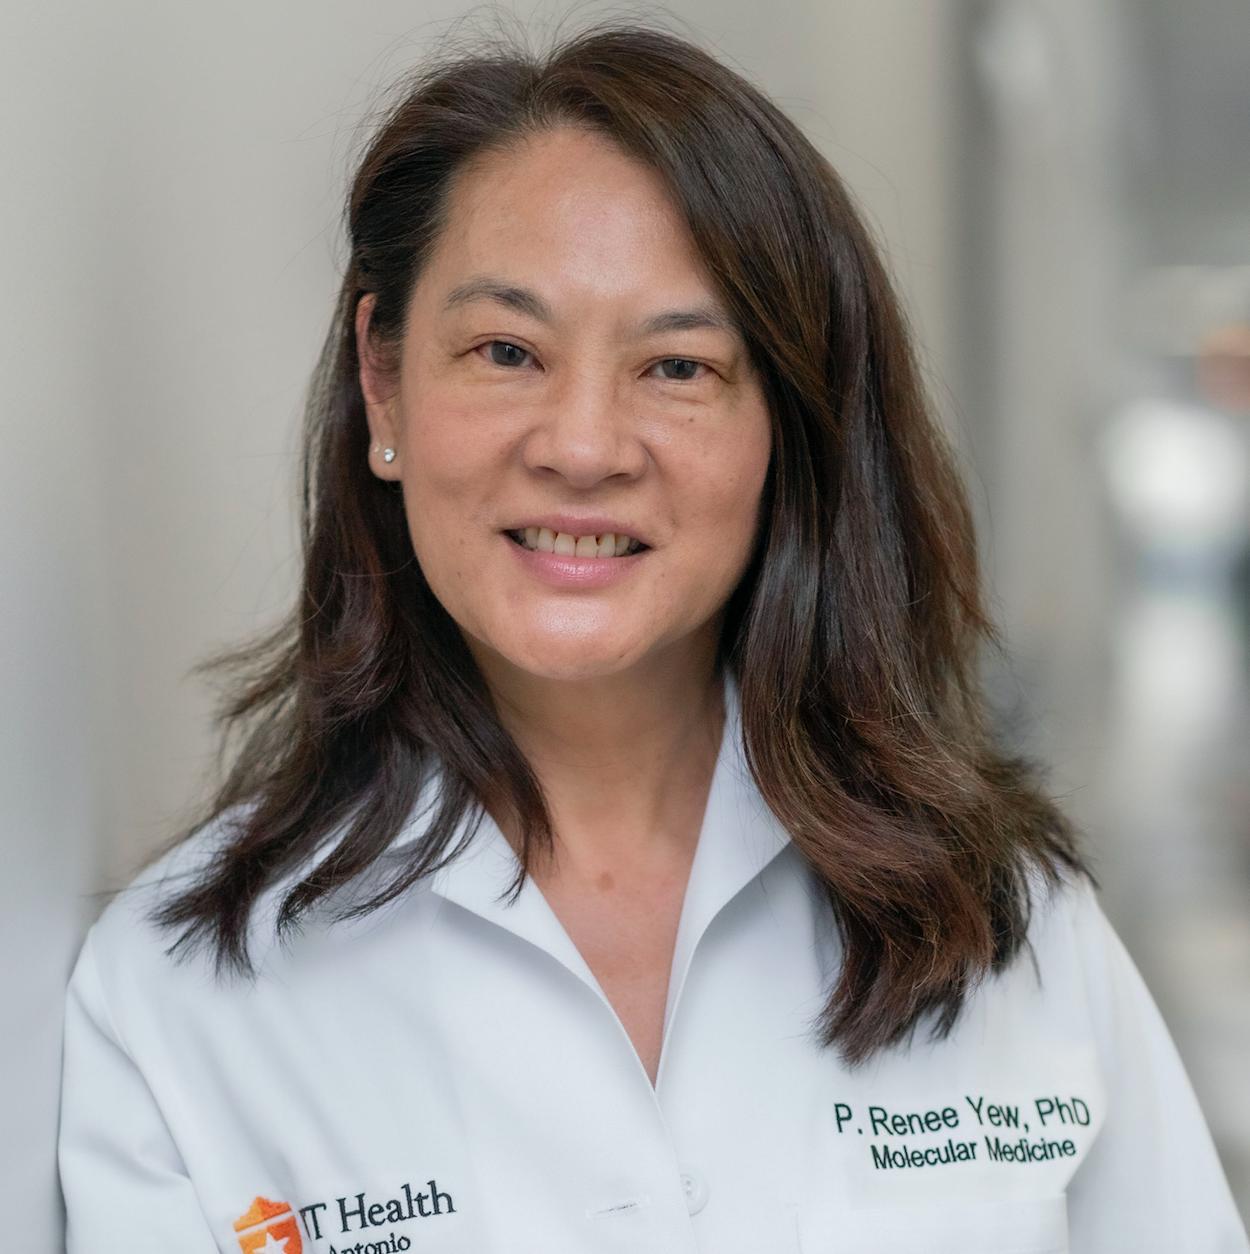 Dr. P. Renee Yew, Associate Professor, Molecular Medicine